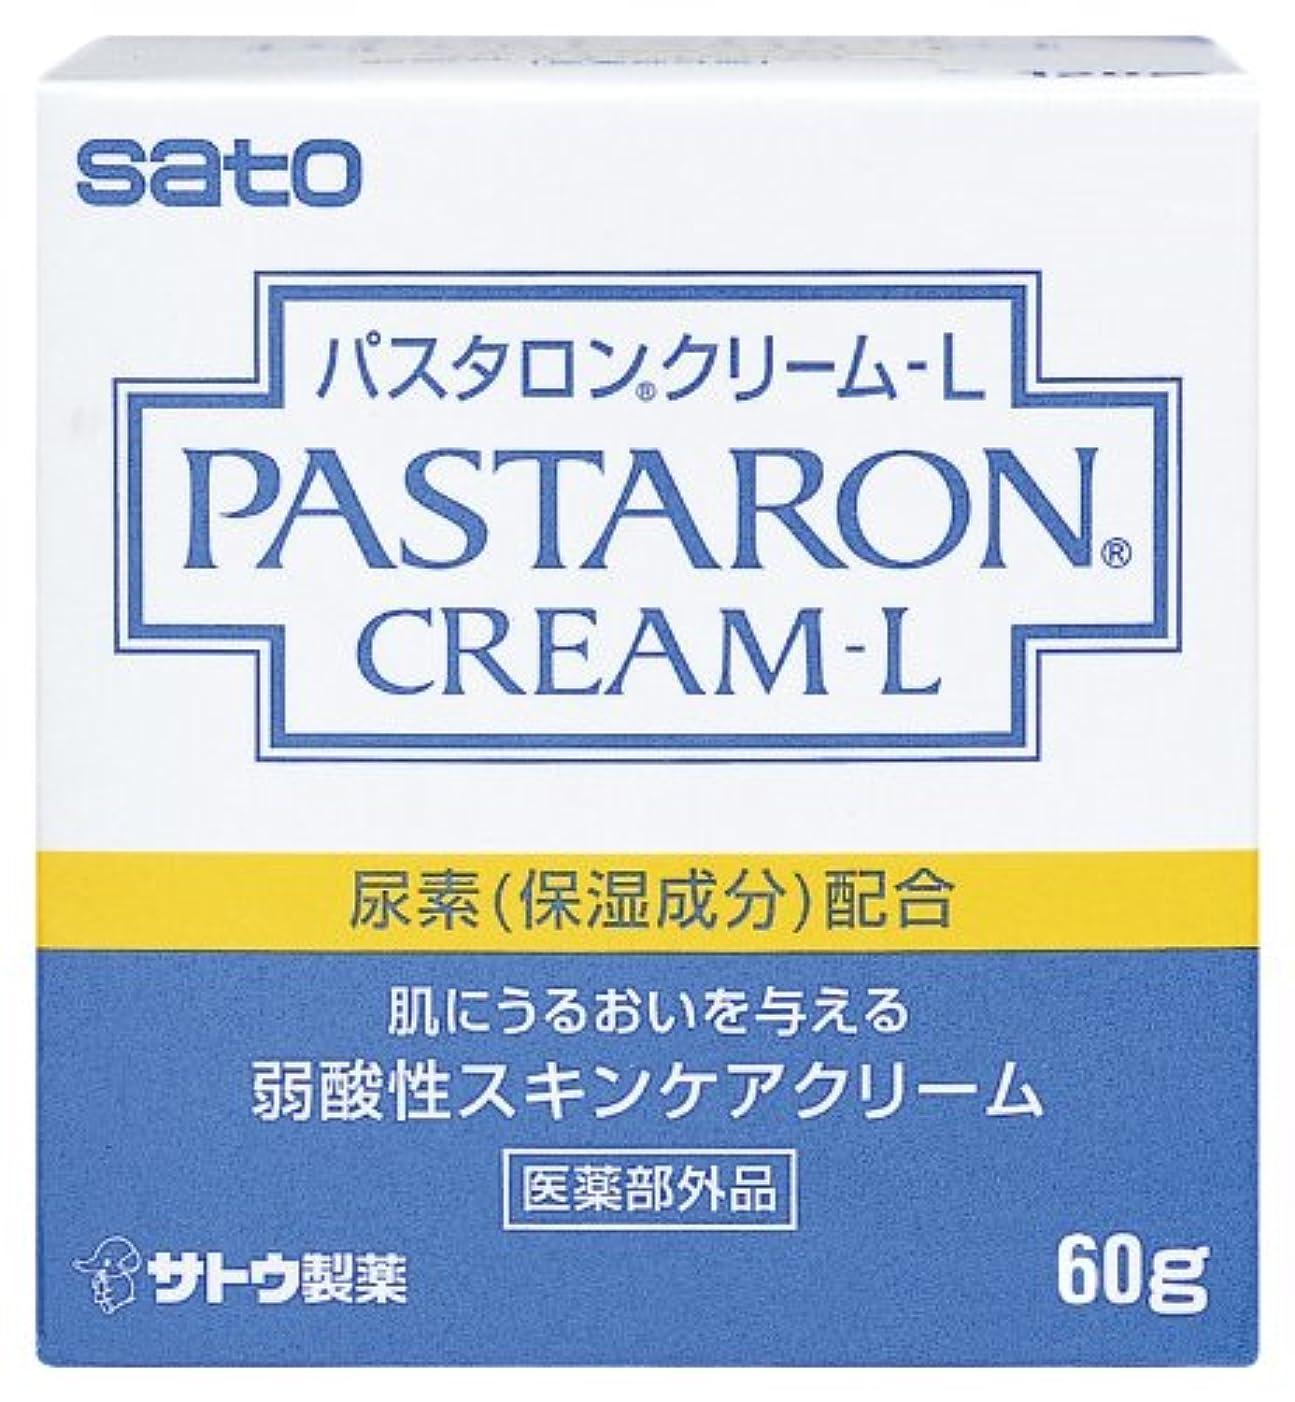 注入する蛇行魔法パスタロンクリーム-L 60g